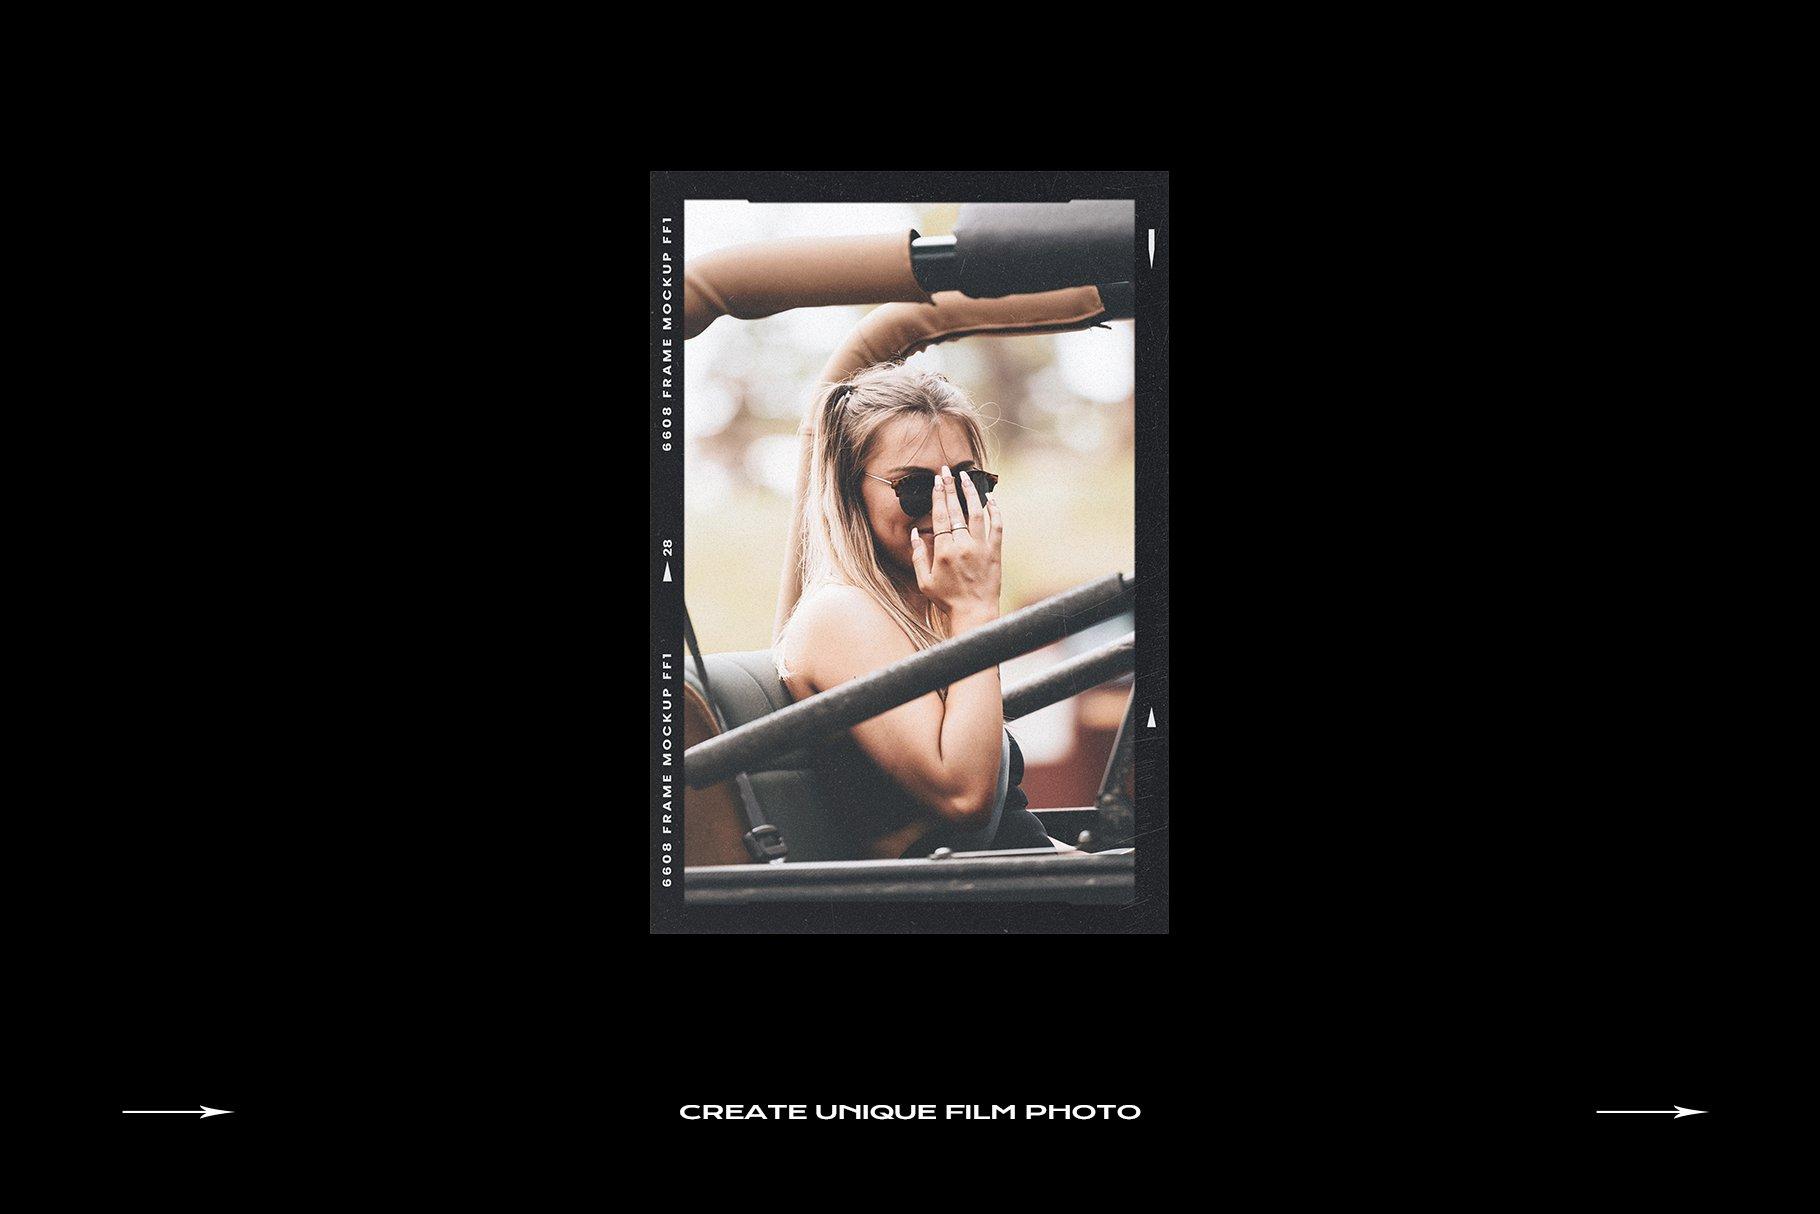 120款复古质感胶卷底片相片边框特效滤镜样机模板 Film Frame Mockup Template Bundle插图(47)